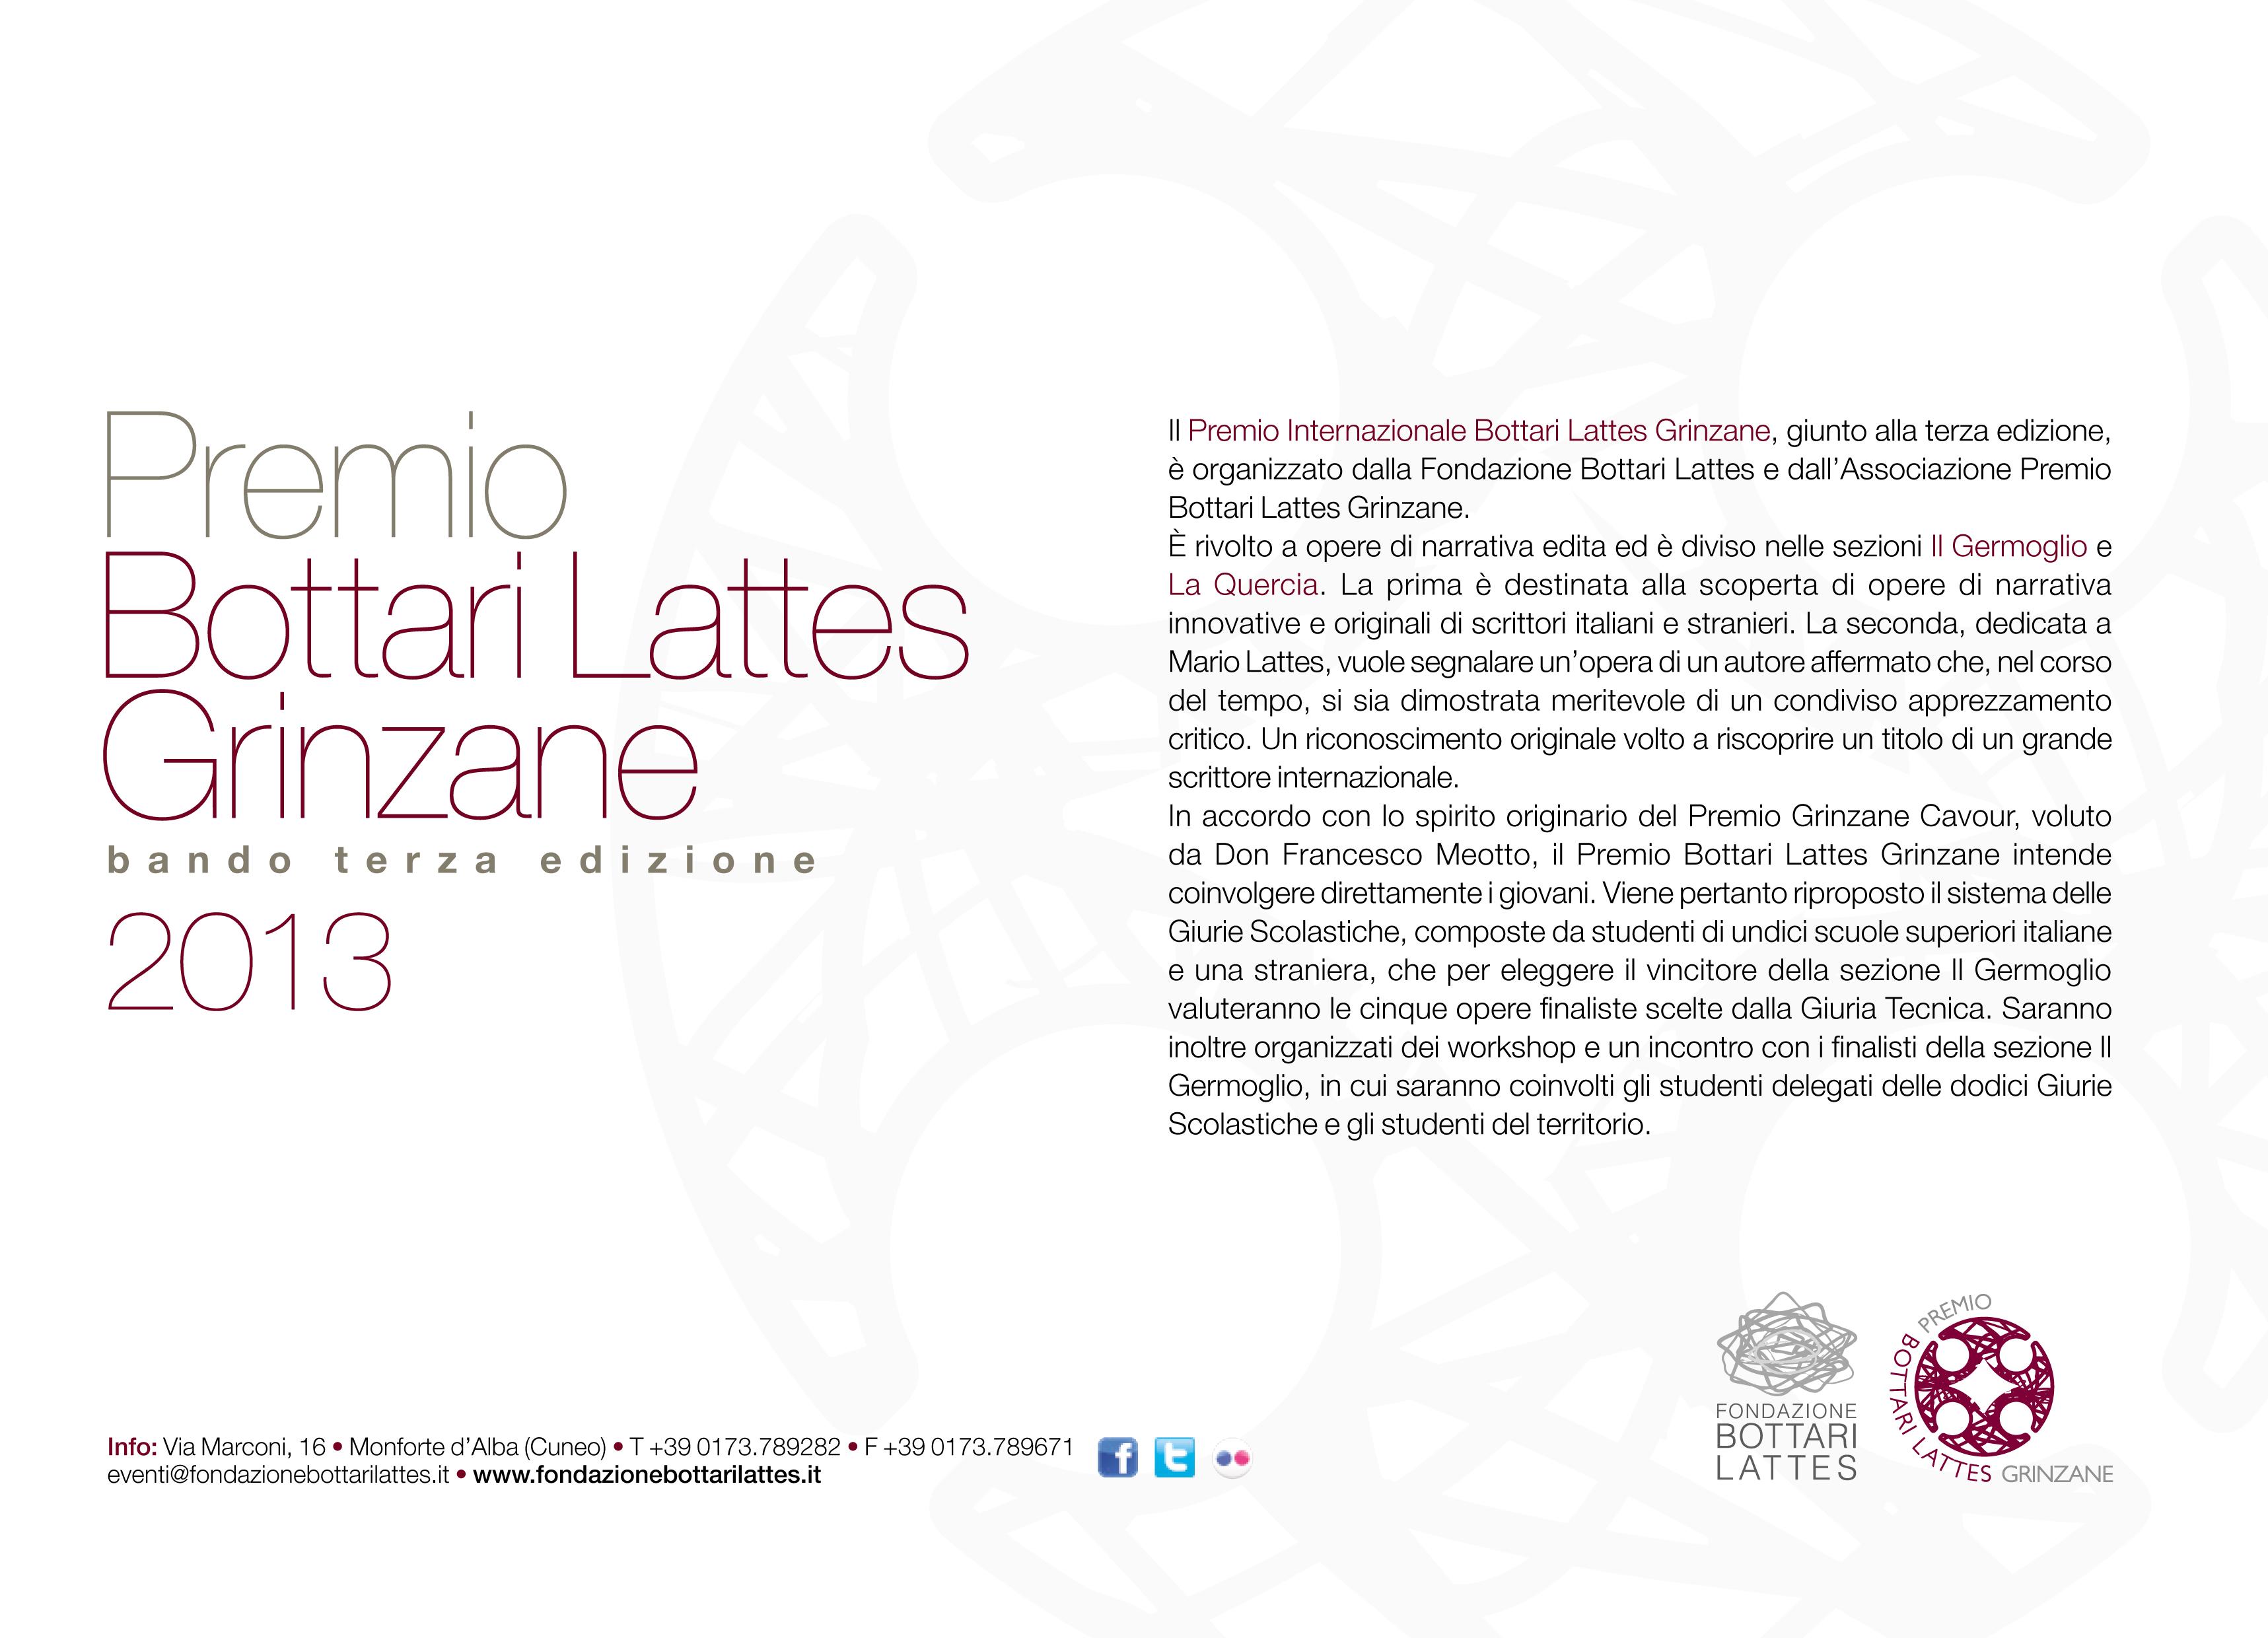 Premio Bottari Lattes Grinzane b a n d o t e r z a e d i z i o n e